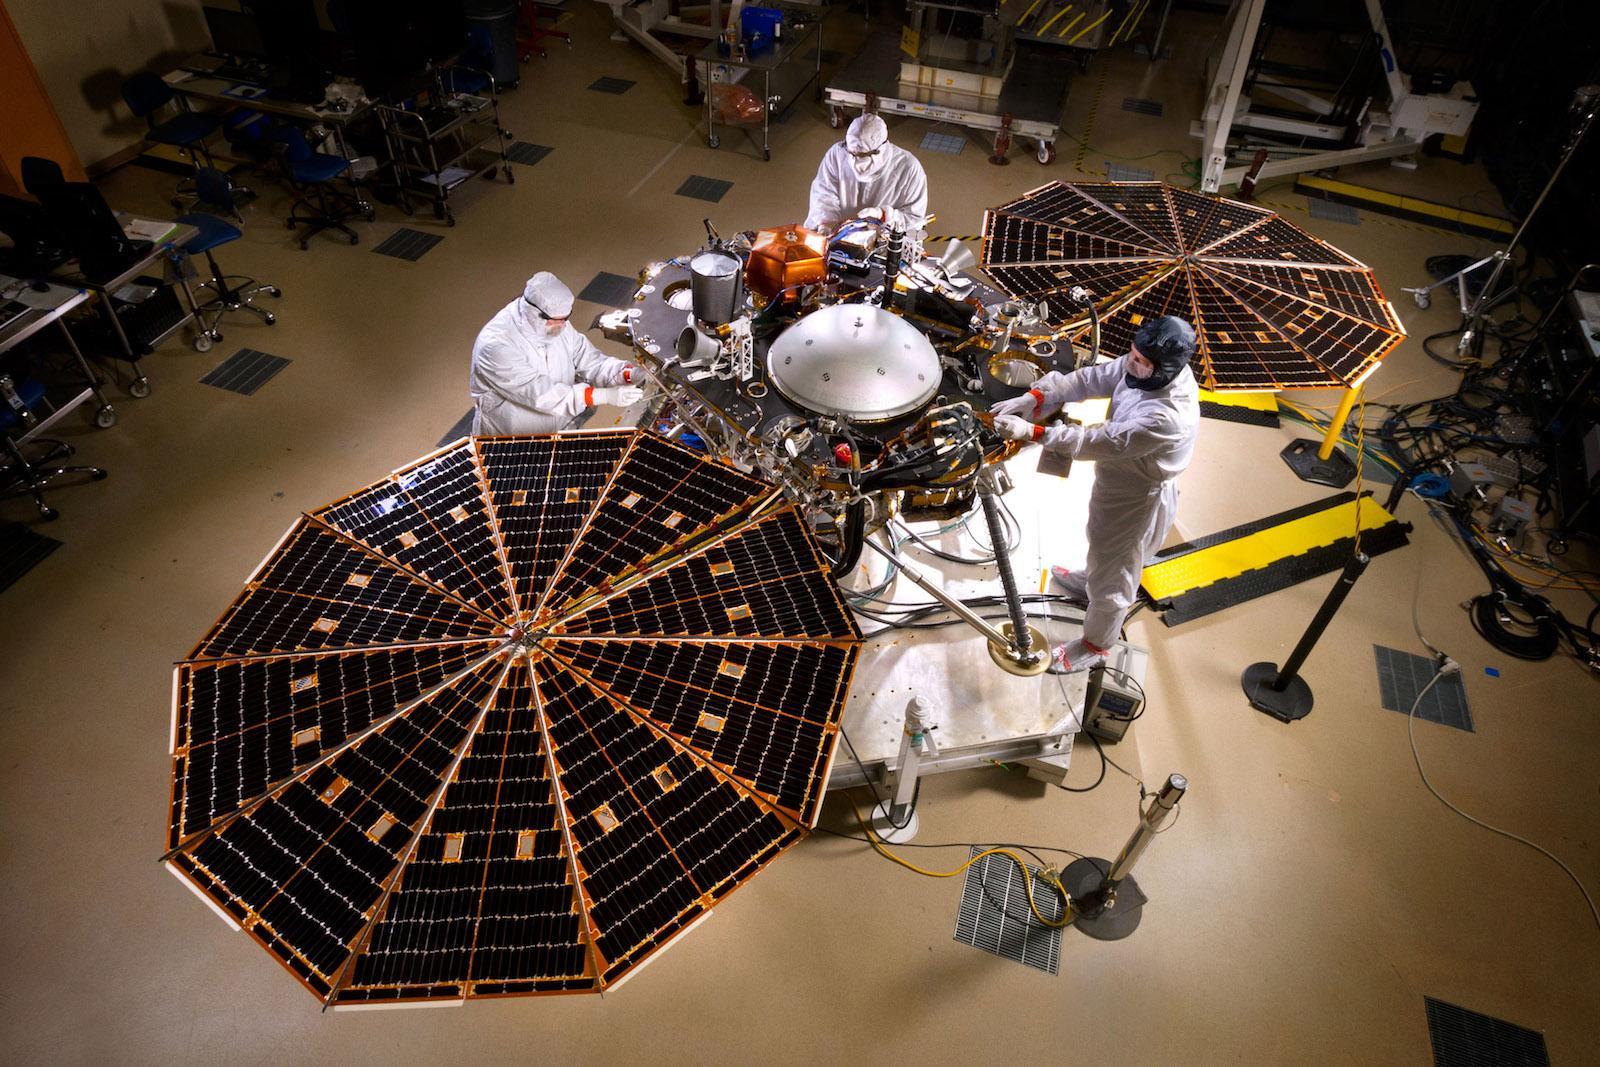 InSight号火星探测器完成最终测试 明年前往火星